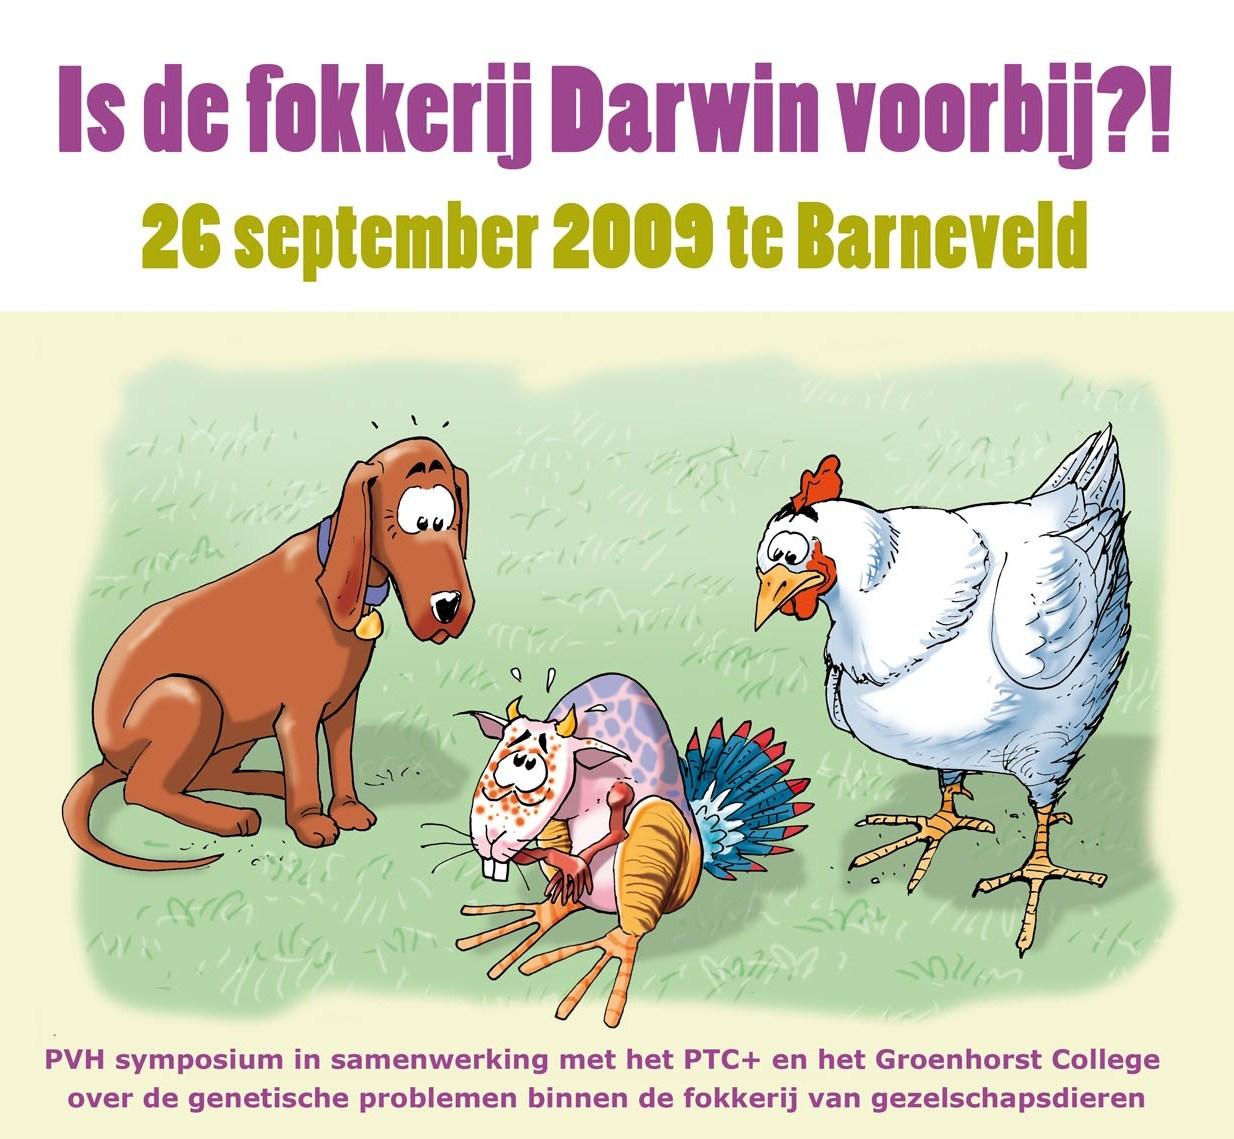 DarwinVoorbij 26 sept2009